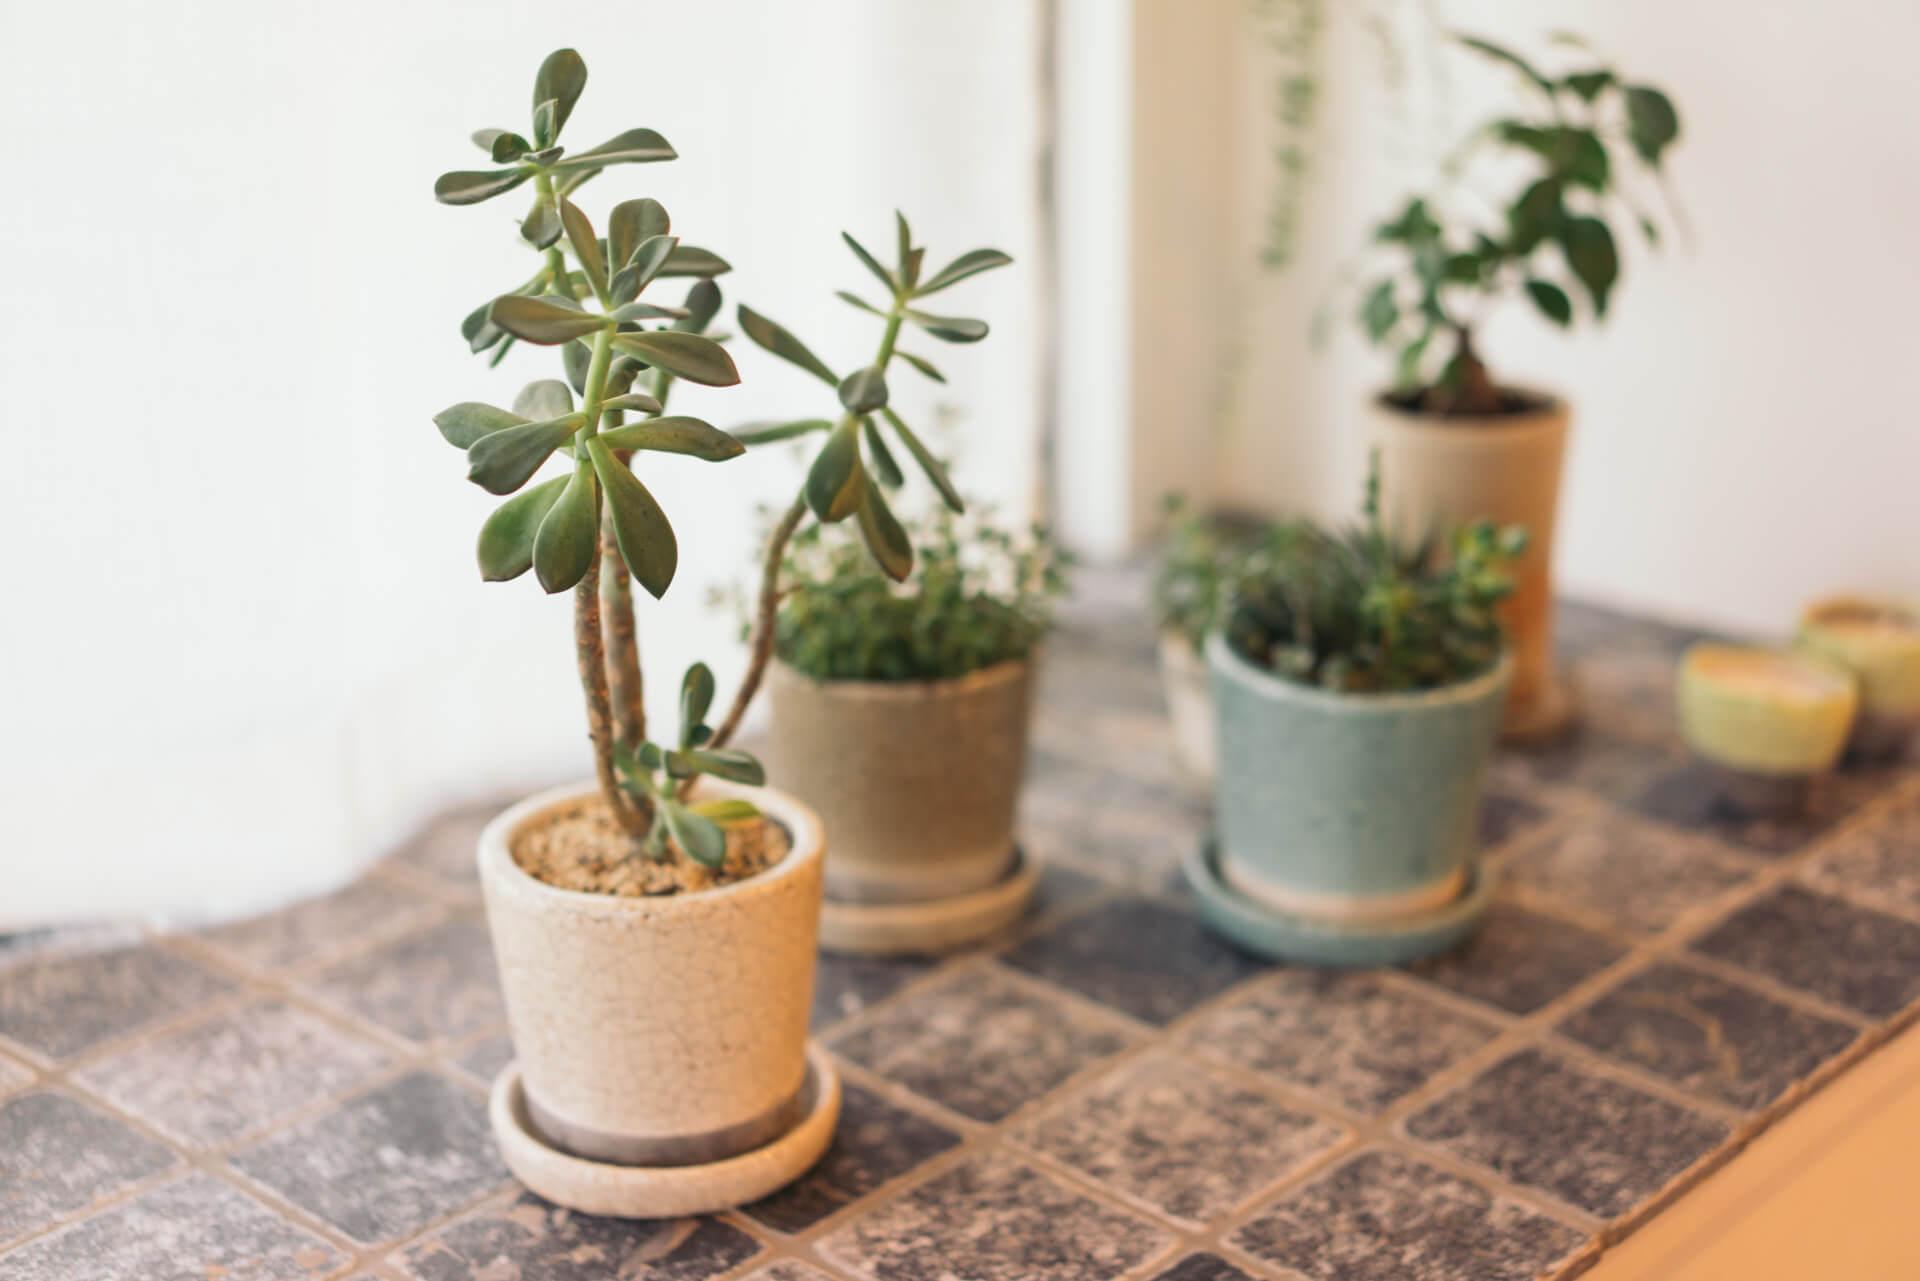 出窓のスペースにはタイルが敷かれ、素敵な鉢に植えられた植物がいっぱい。